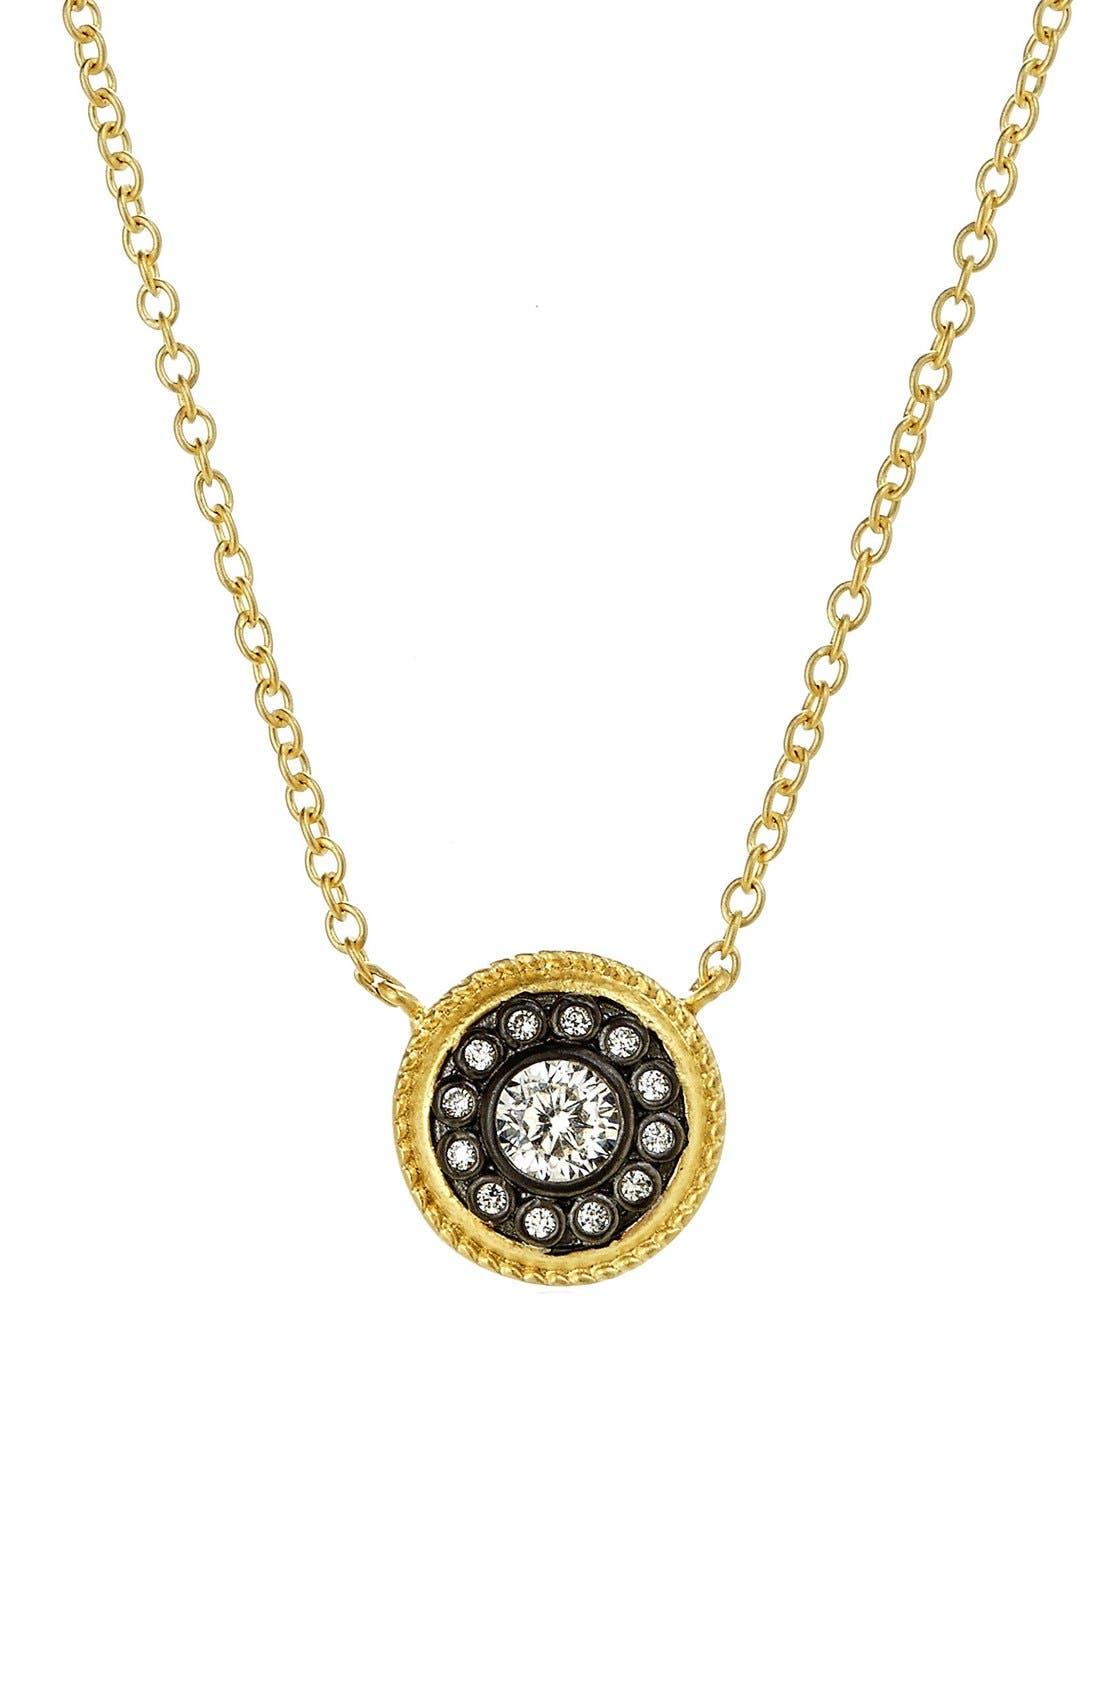 Main Image - FREIDA ROTHMAN 'Hamptons' Nautical Button Pendant Necklace